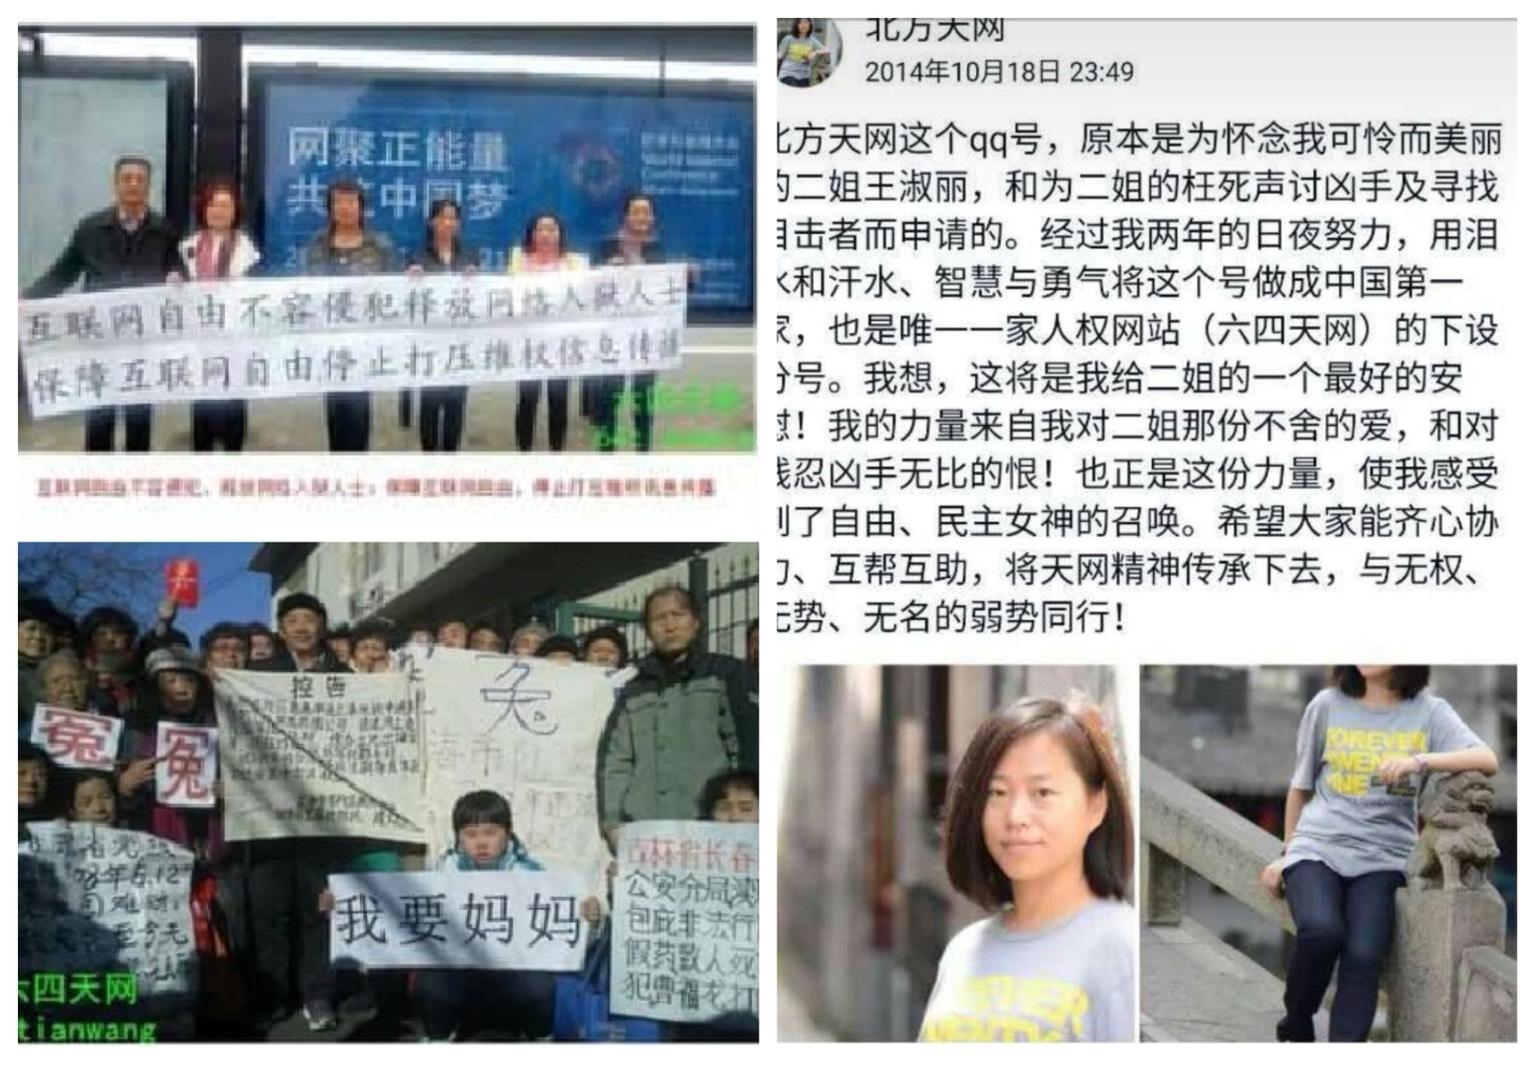 前「六四天網」公民記者王晶,2014年因報道訪民維權活動入獄近5年。出獄半年後她寫出在監獄受到的迫害和見證醫院如何草菅人命。(受訪者提供/大紀元合成)